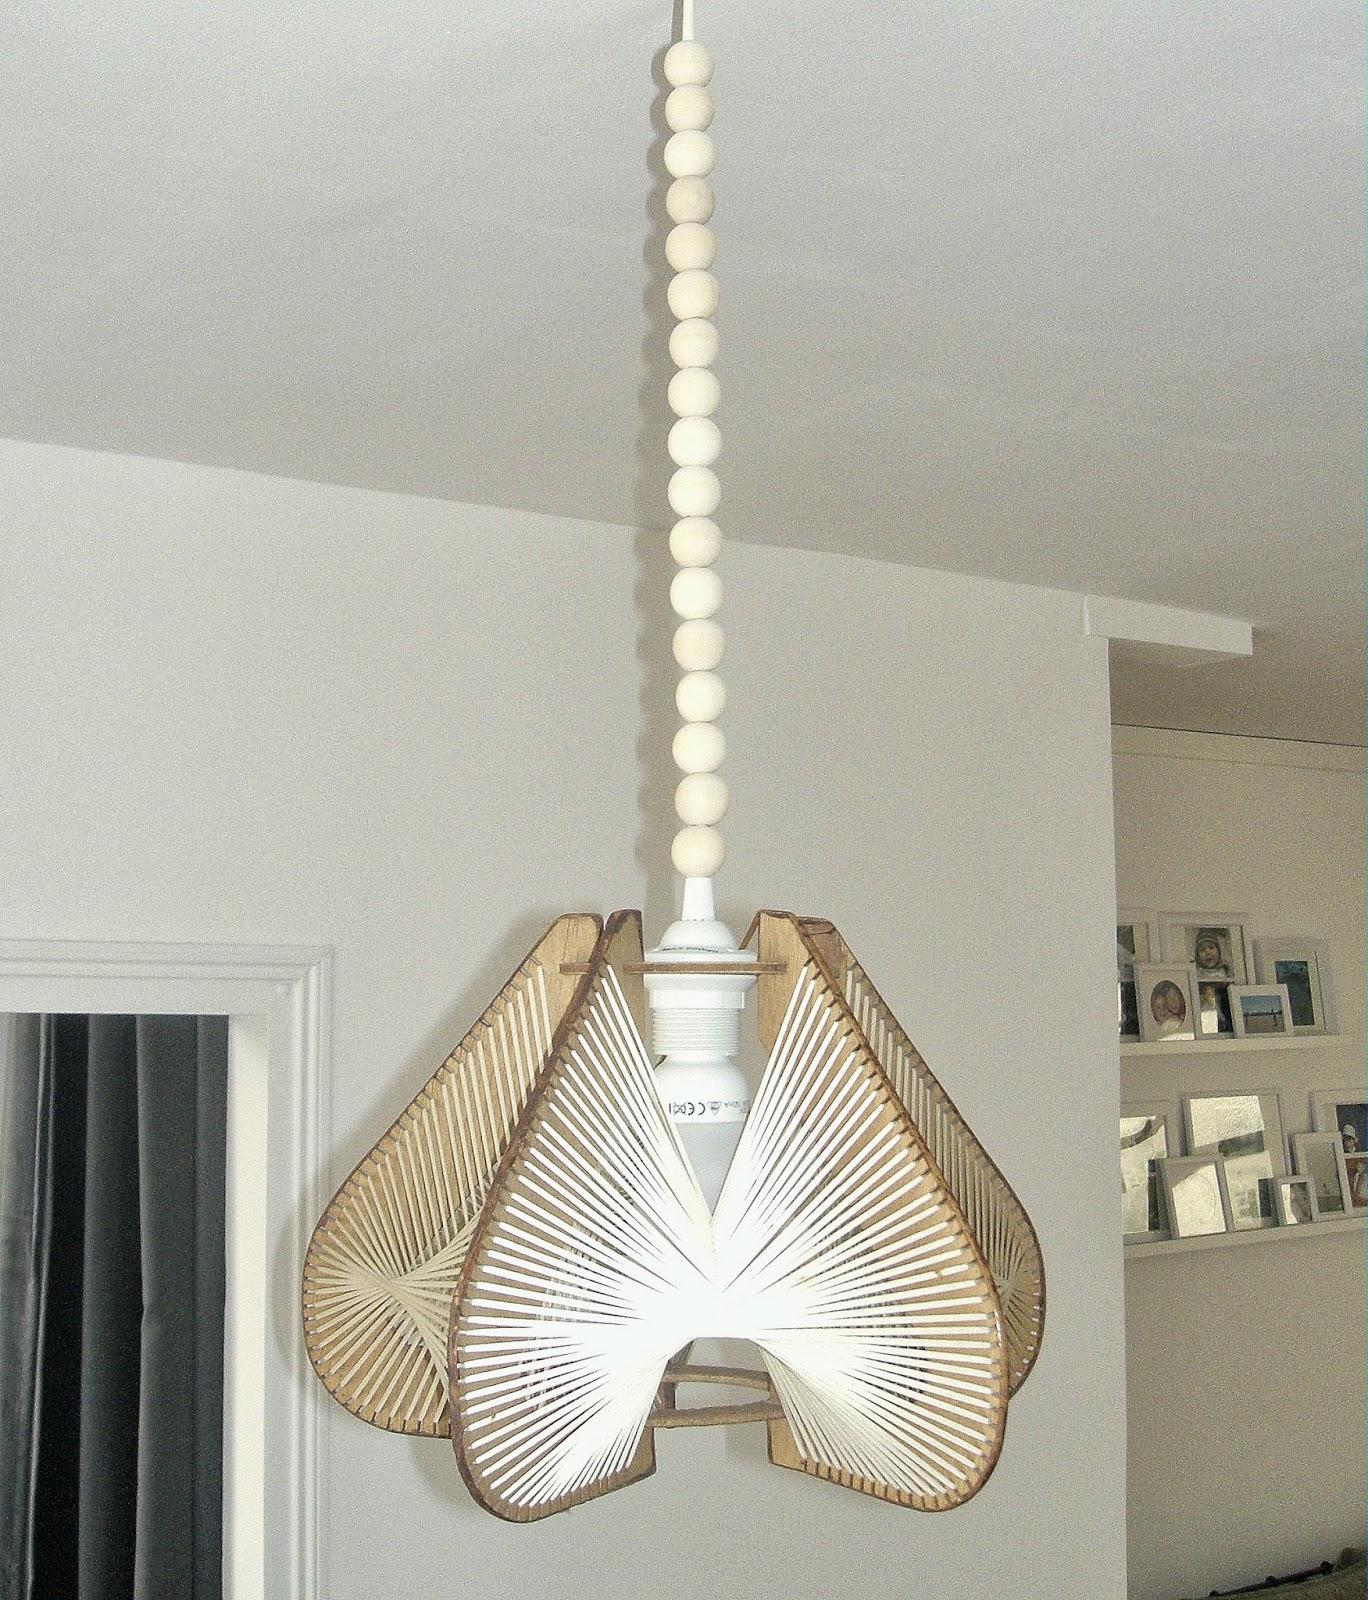 gabulle in wonderland suspensions scandinaves jusqu 39 au bout du fil. Black Bedroom Furniture Sets. Home Design Ideas